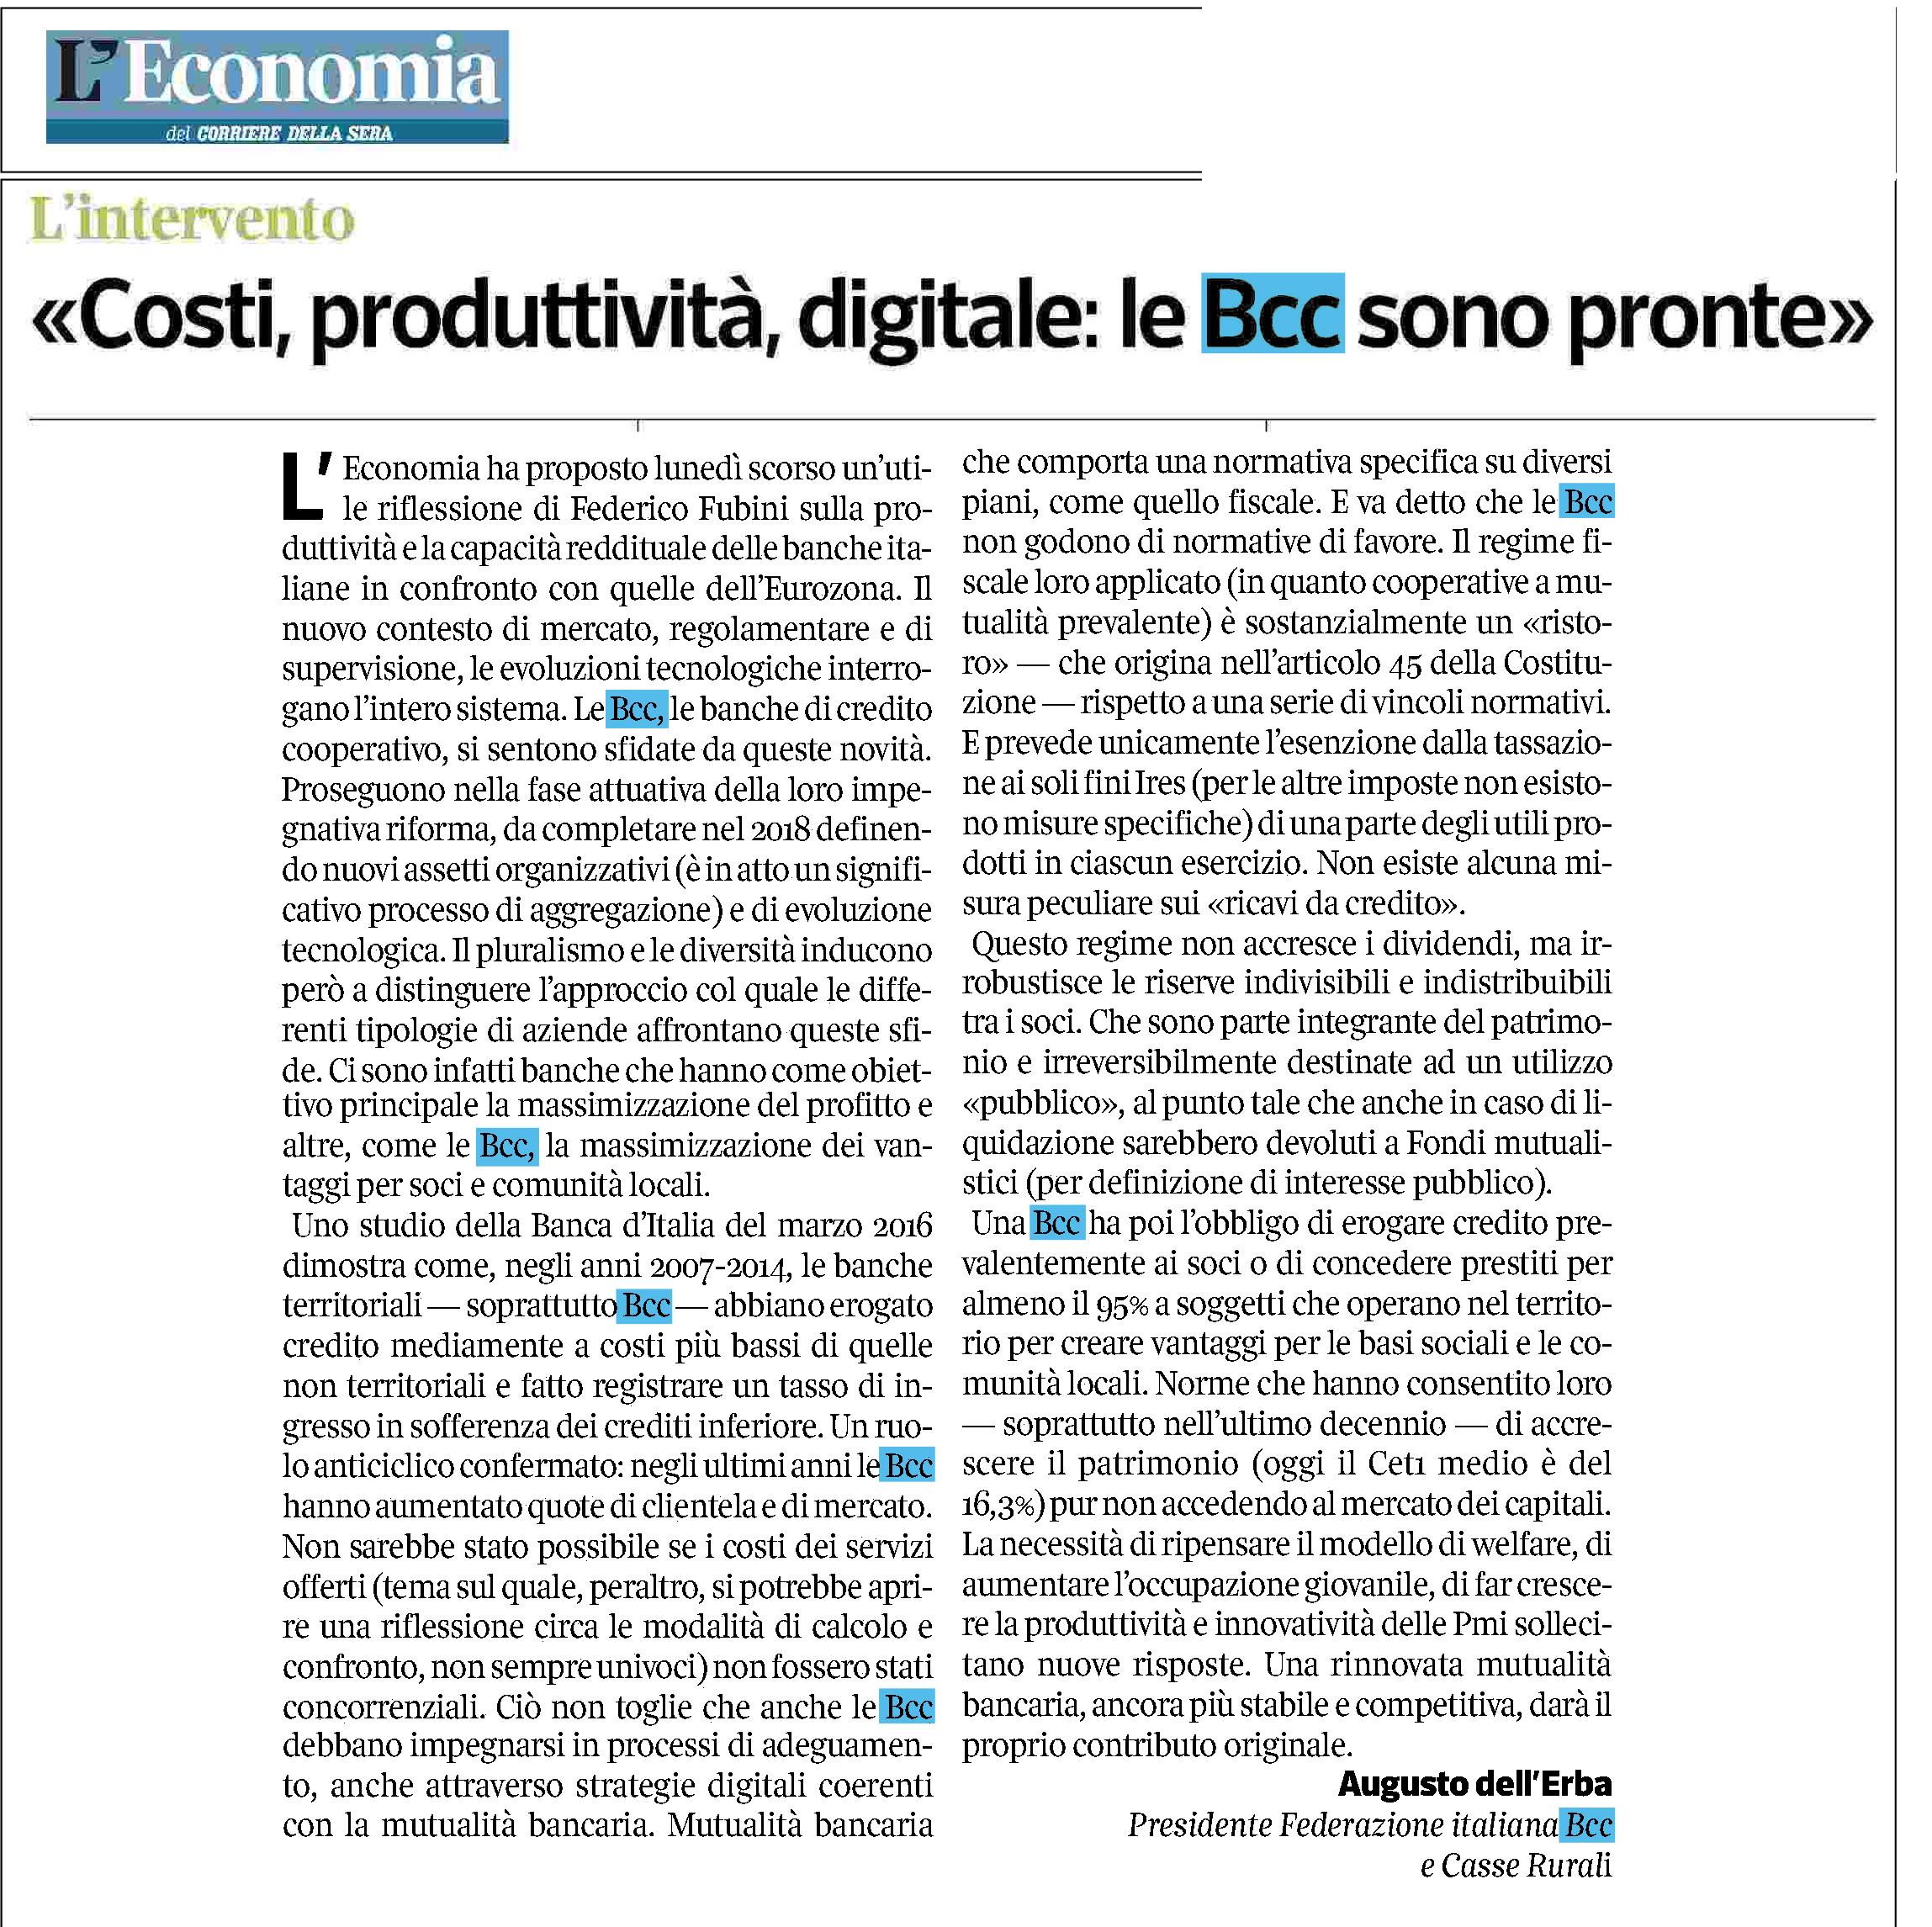 articolo-economia-bcc